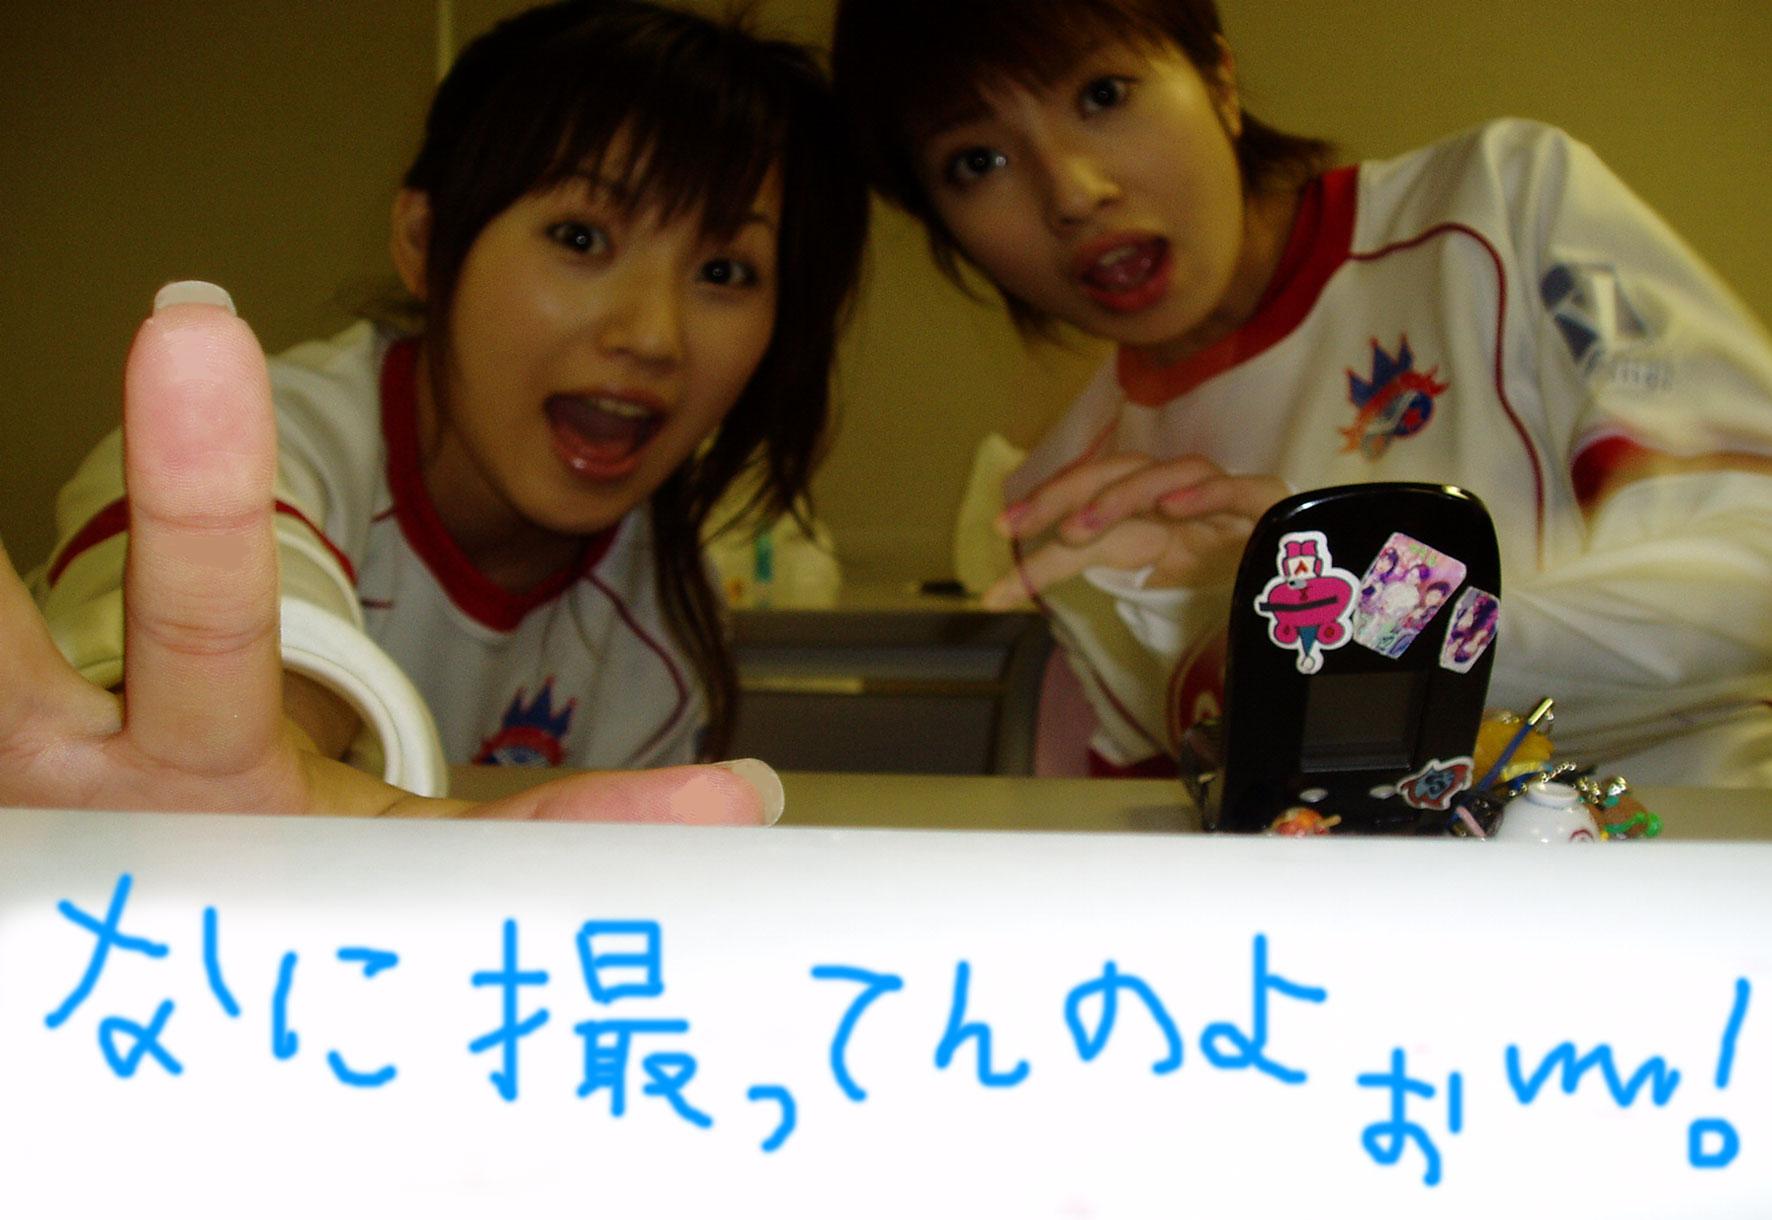 大阪☆★ニッポンハムカップ★☆_c0038100_014090.jpg